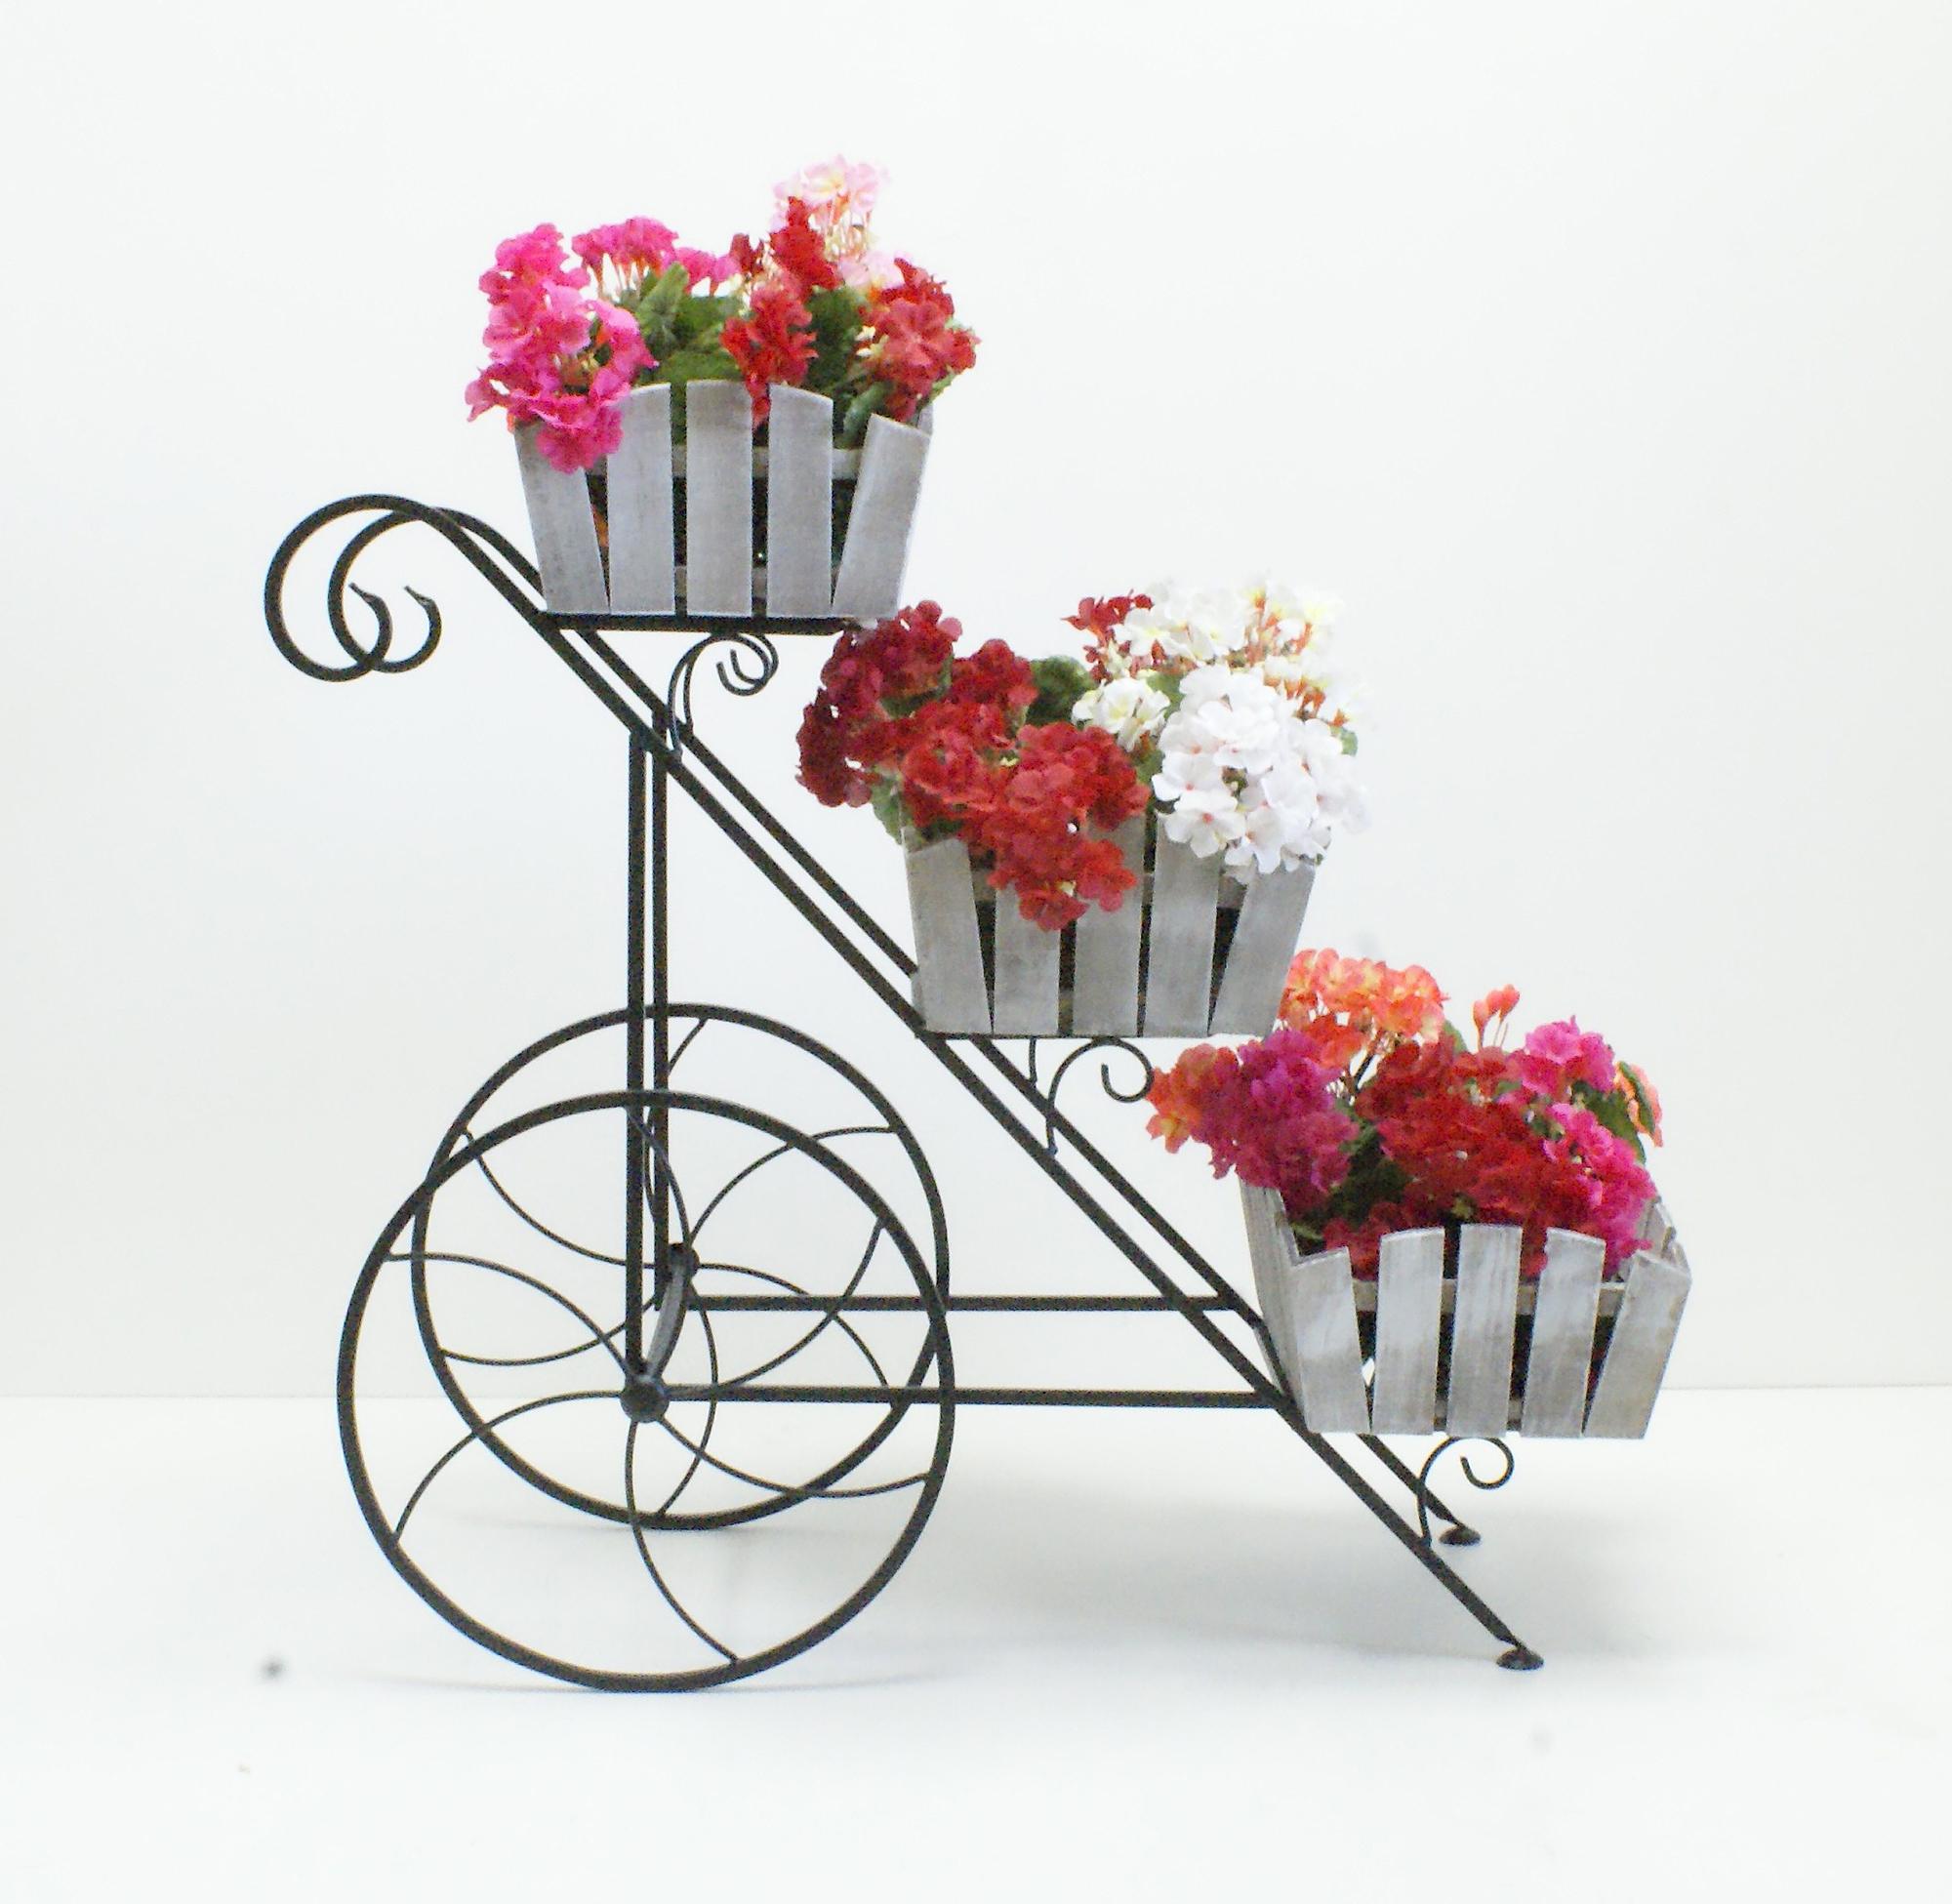 Кованая подставка для трех кашпо с цветами